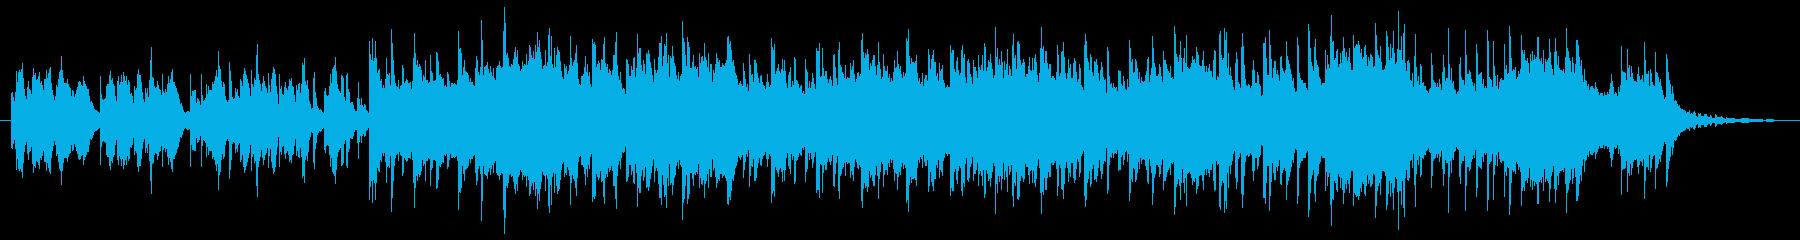 青空の下でのんびり過ごすイメージの音楽の再生済みの波形